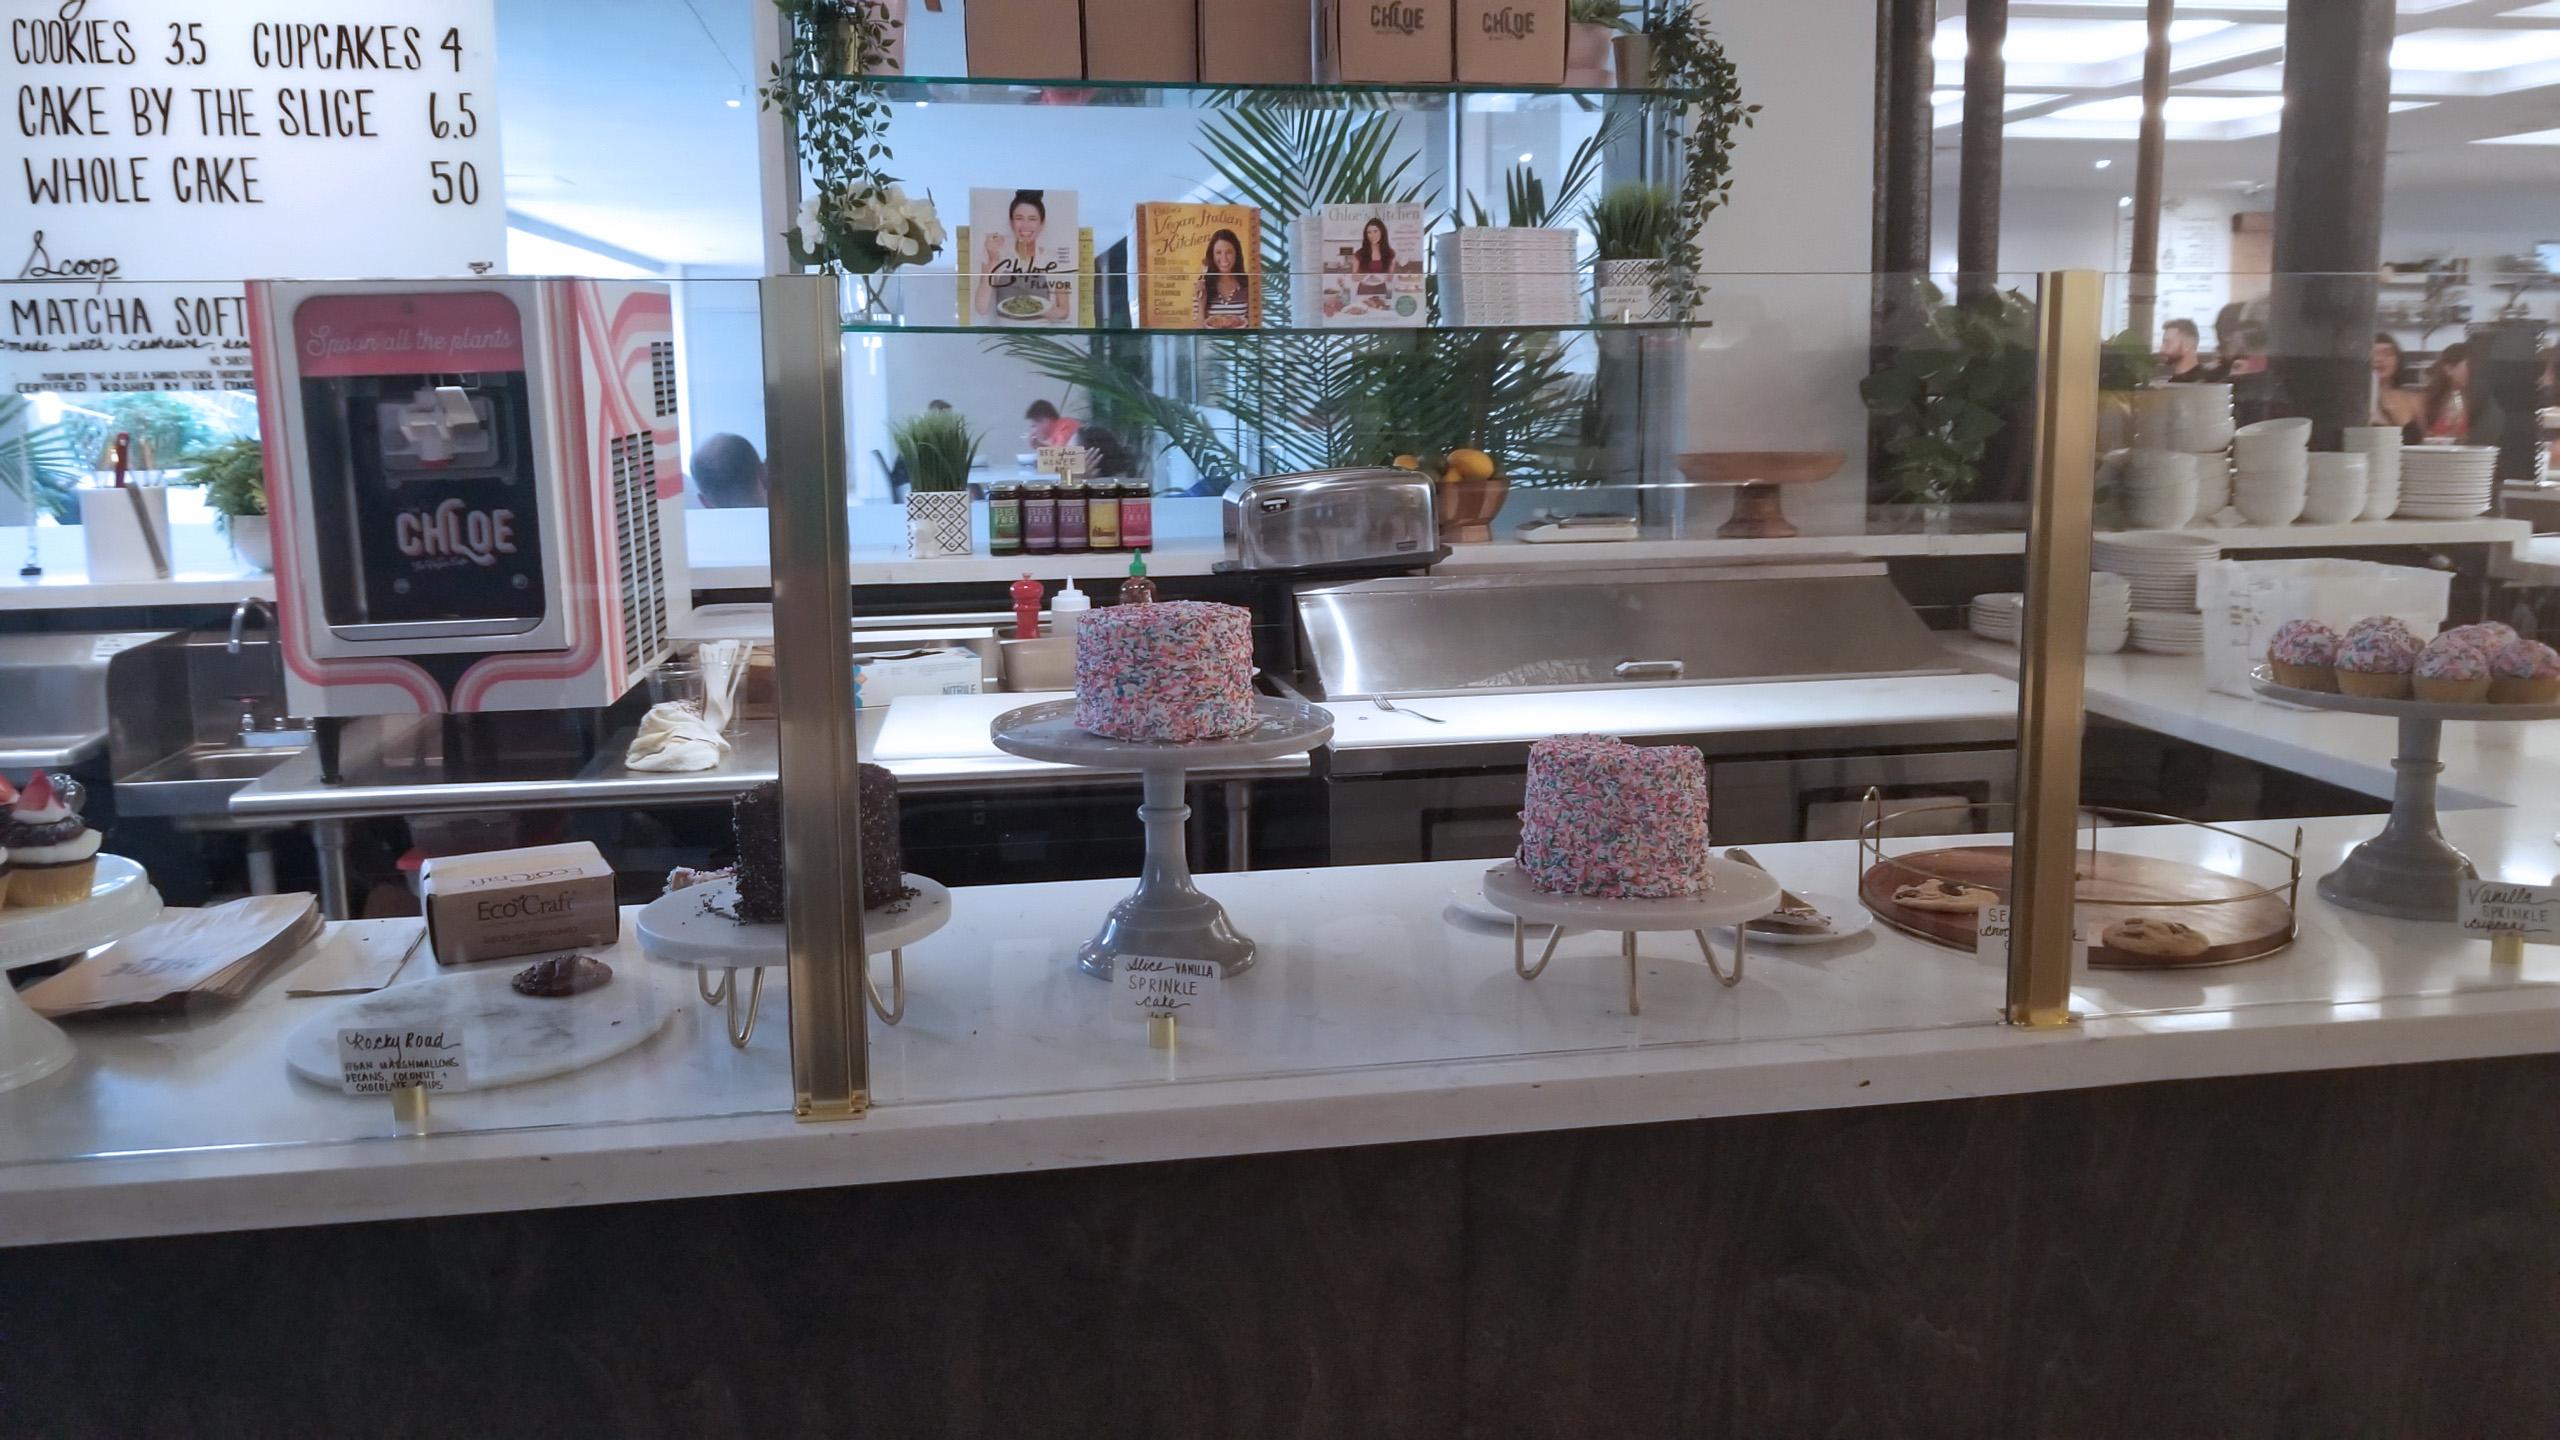 st roch market miami cakes